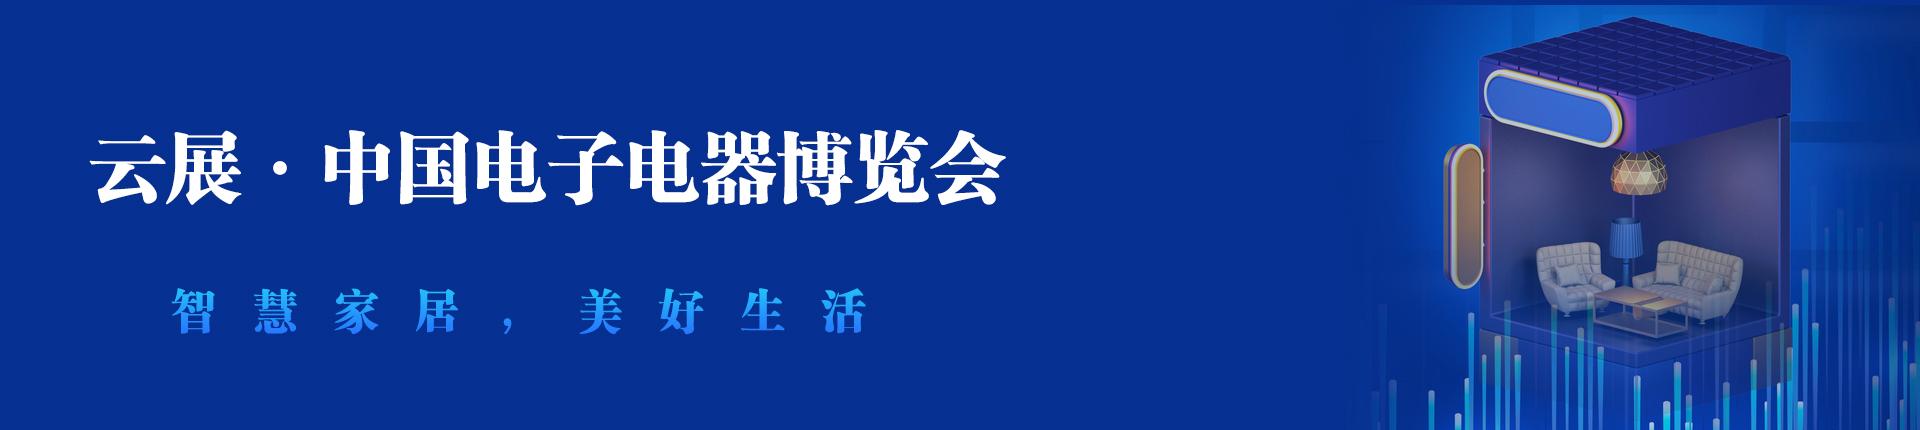 云展·中国电子电器博览会